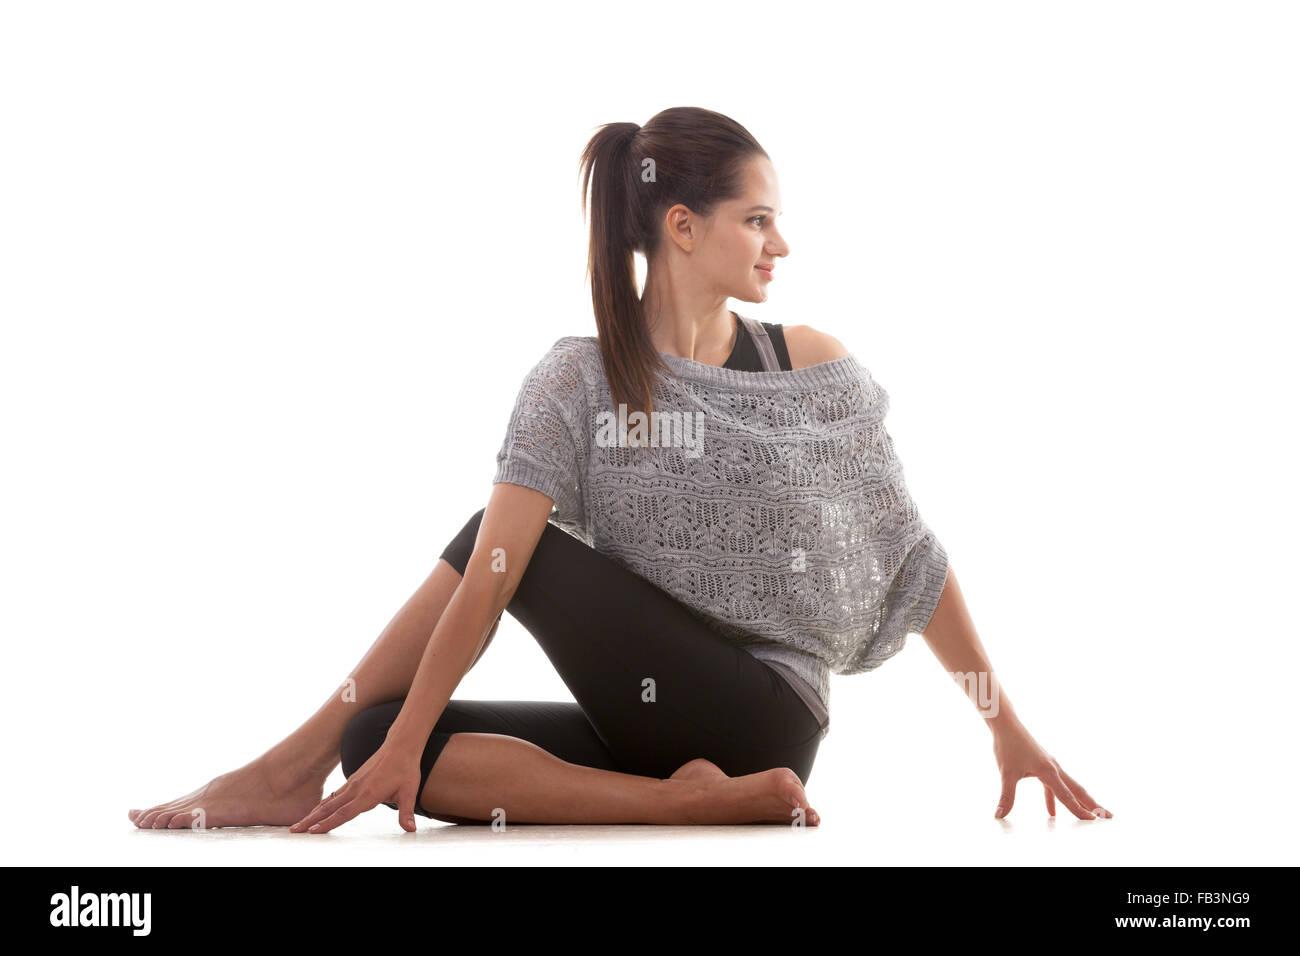 Yoga sportif fille sur fond blanc l'exécution Ardha Matsyendrasana (moitié seigneur des poissons pose, Photo Stock